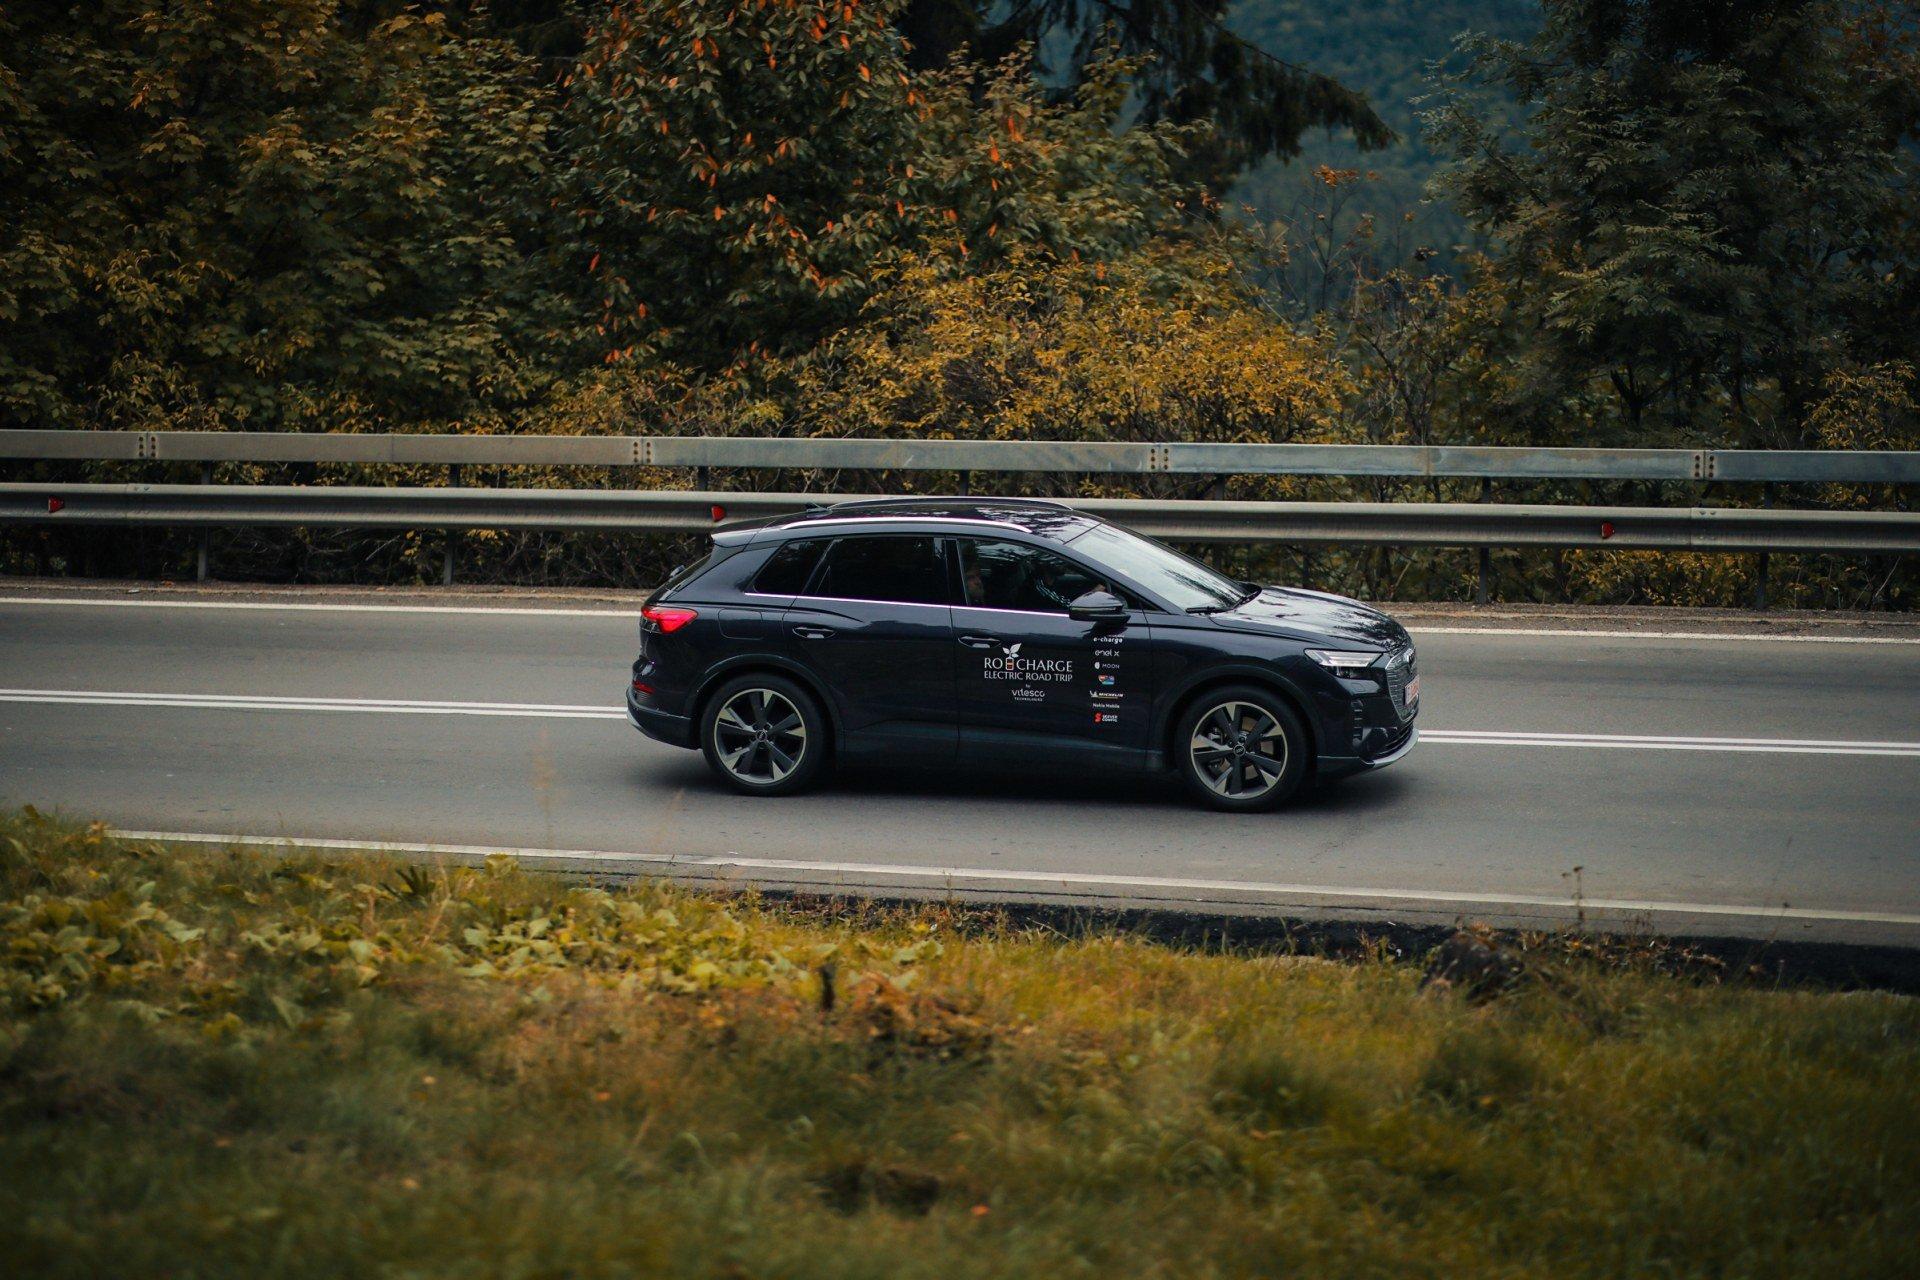 driven-2021-audi-q4-e-tron-50-quattro-audi-s-version-of-the-id4_53.jpg